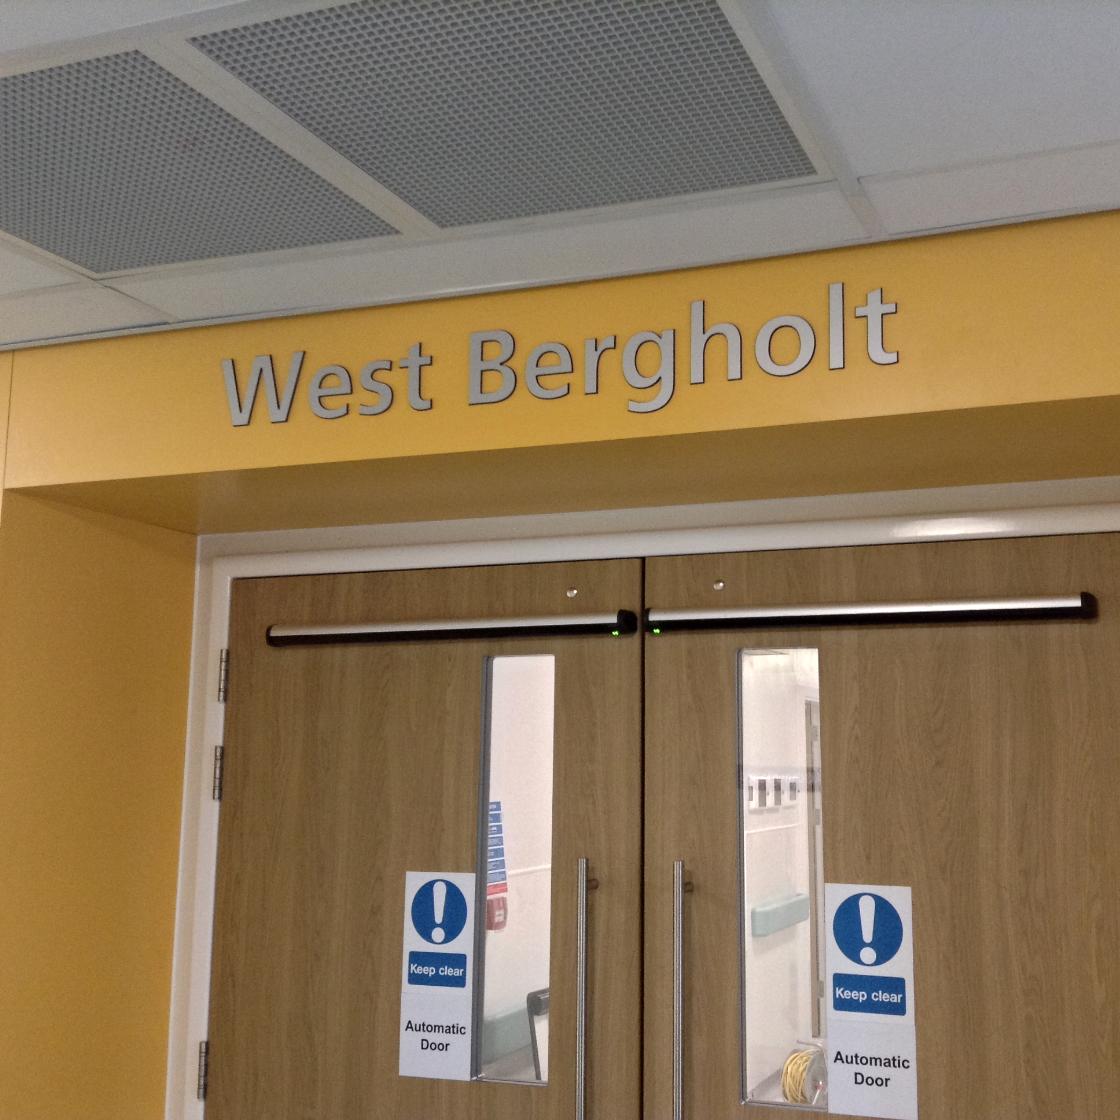 West Bergholt Ward